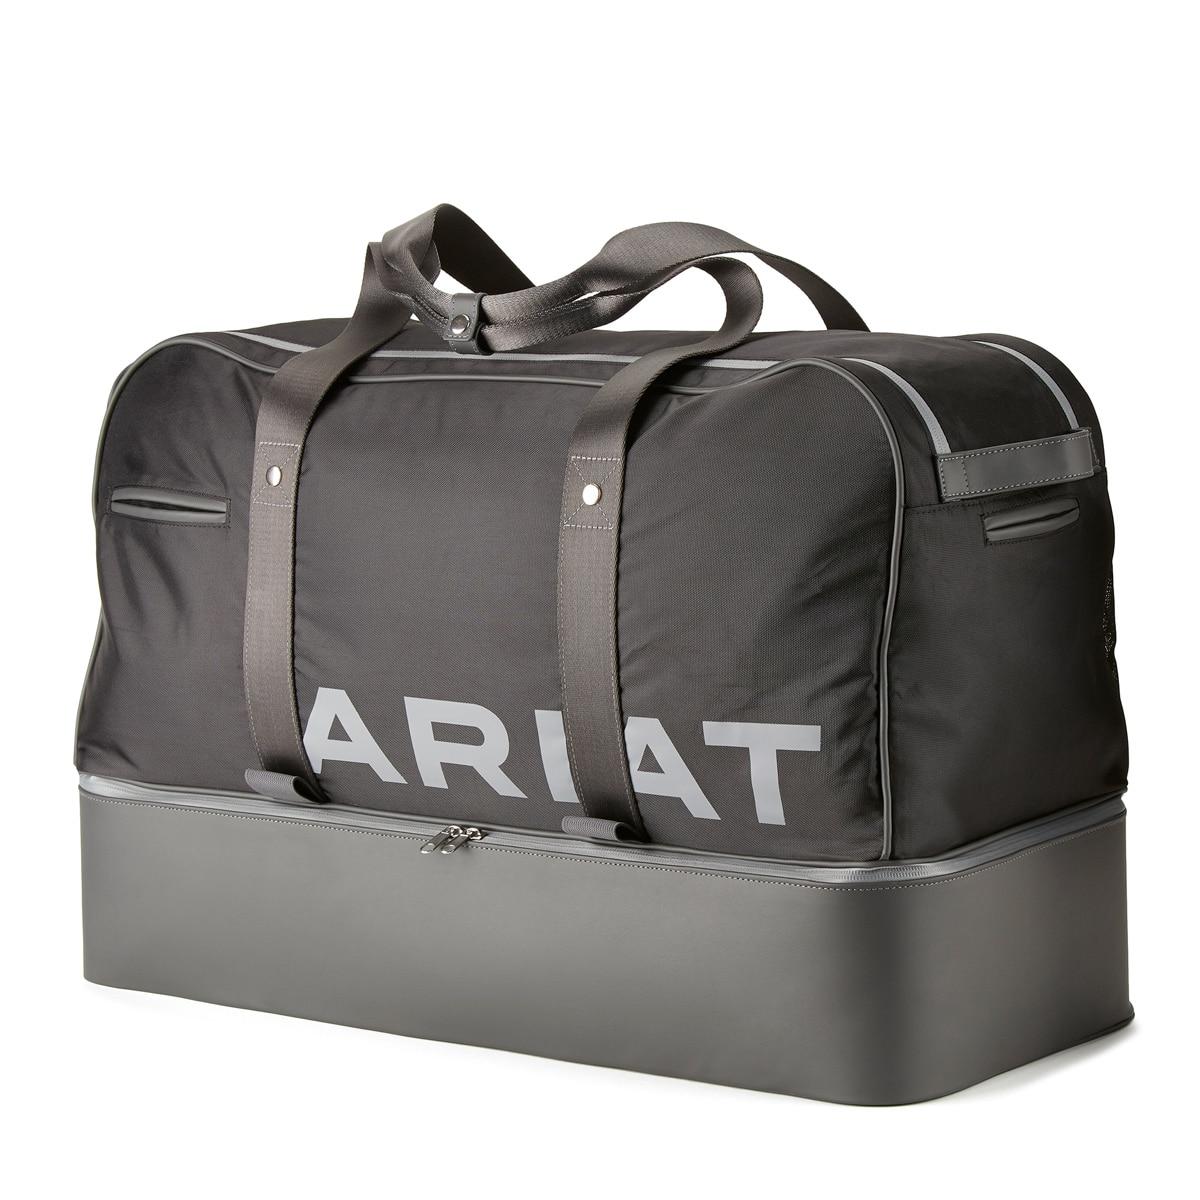 Ariat Grip Duffle Bag 9e3de1161f